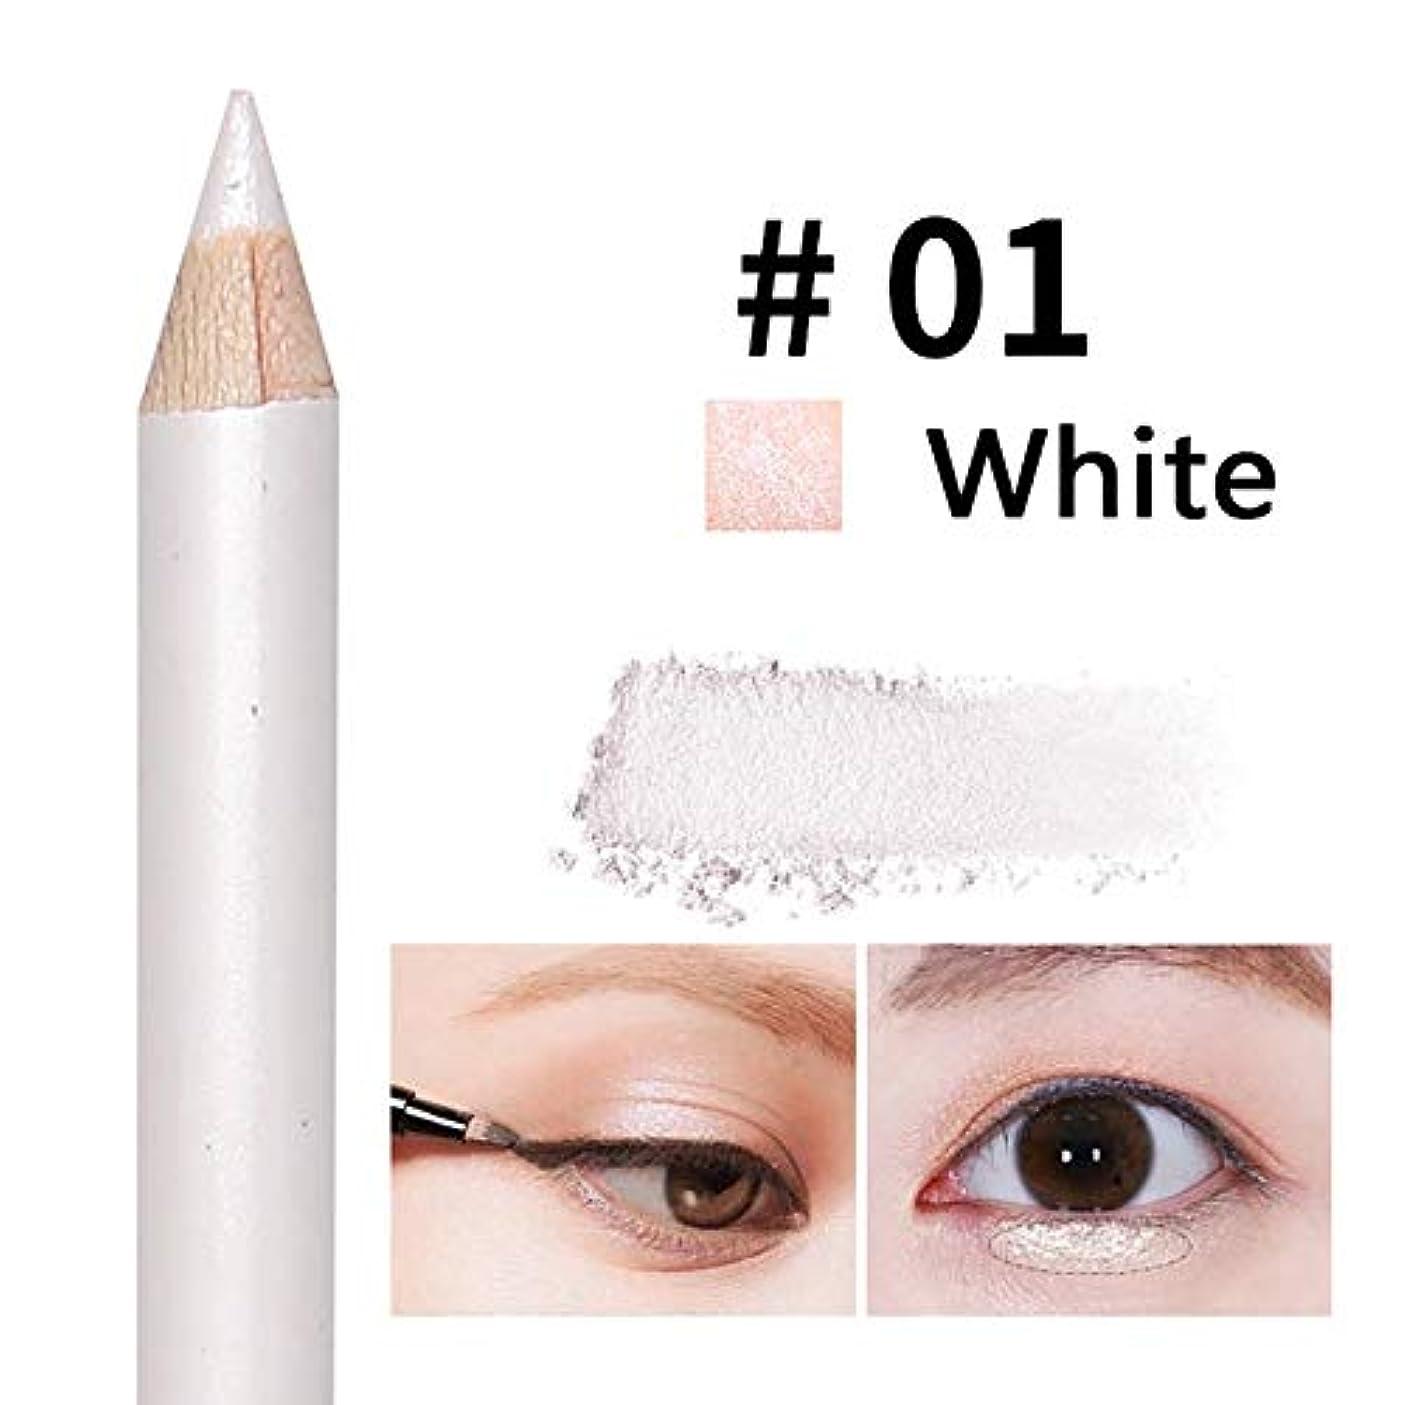 発火する確率クリックCutelove アイシャドウ ペンシルタイプ パール入り 透明感 チップ付き 発色が良い 涙袋 防水 ホワイト